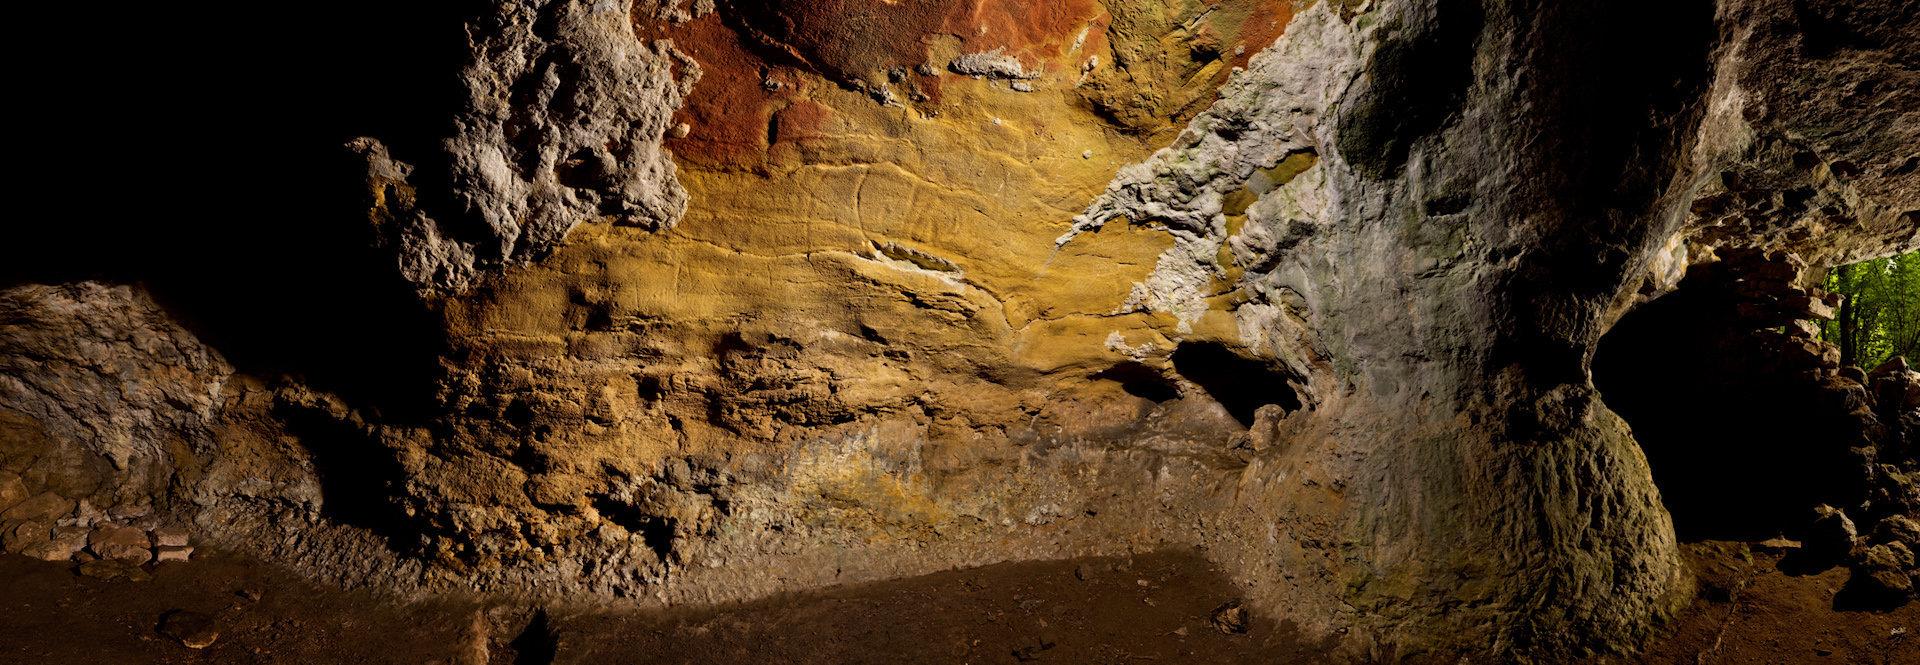 Grotte de la Cavaille  -  Client: Pôle International de Préhistoire, Les Eyzies-de-Tayac